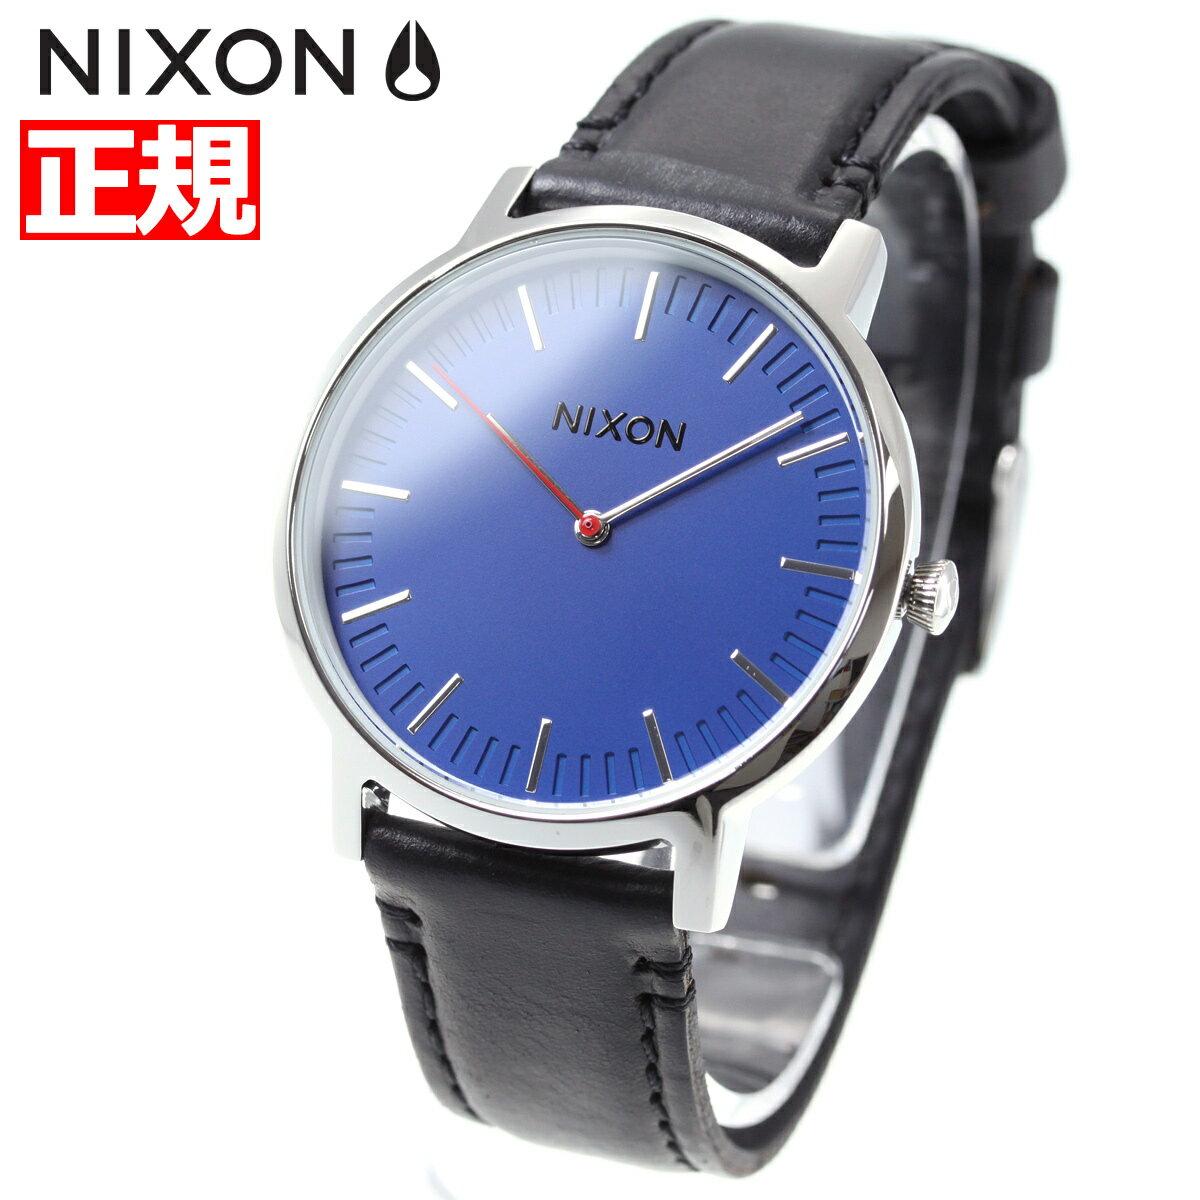 ニクソン NIXON ポーター レザー PORTER LEATHER 腕時計 メンズ/レディース ブルー/ブラック NA10581647-00